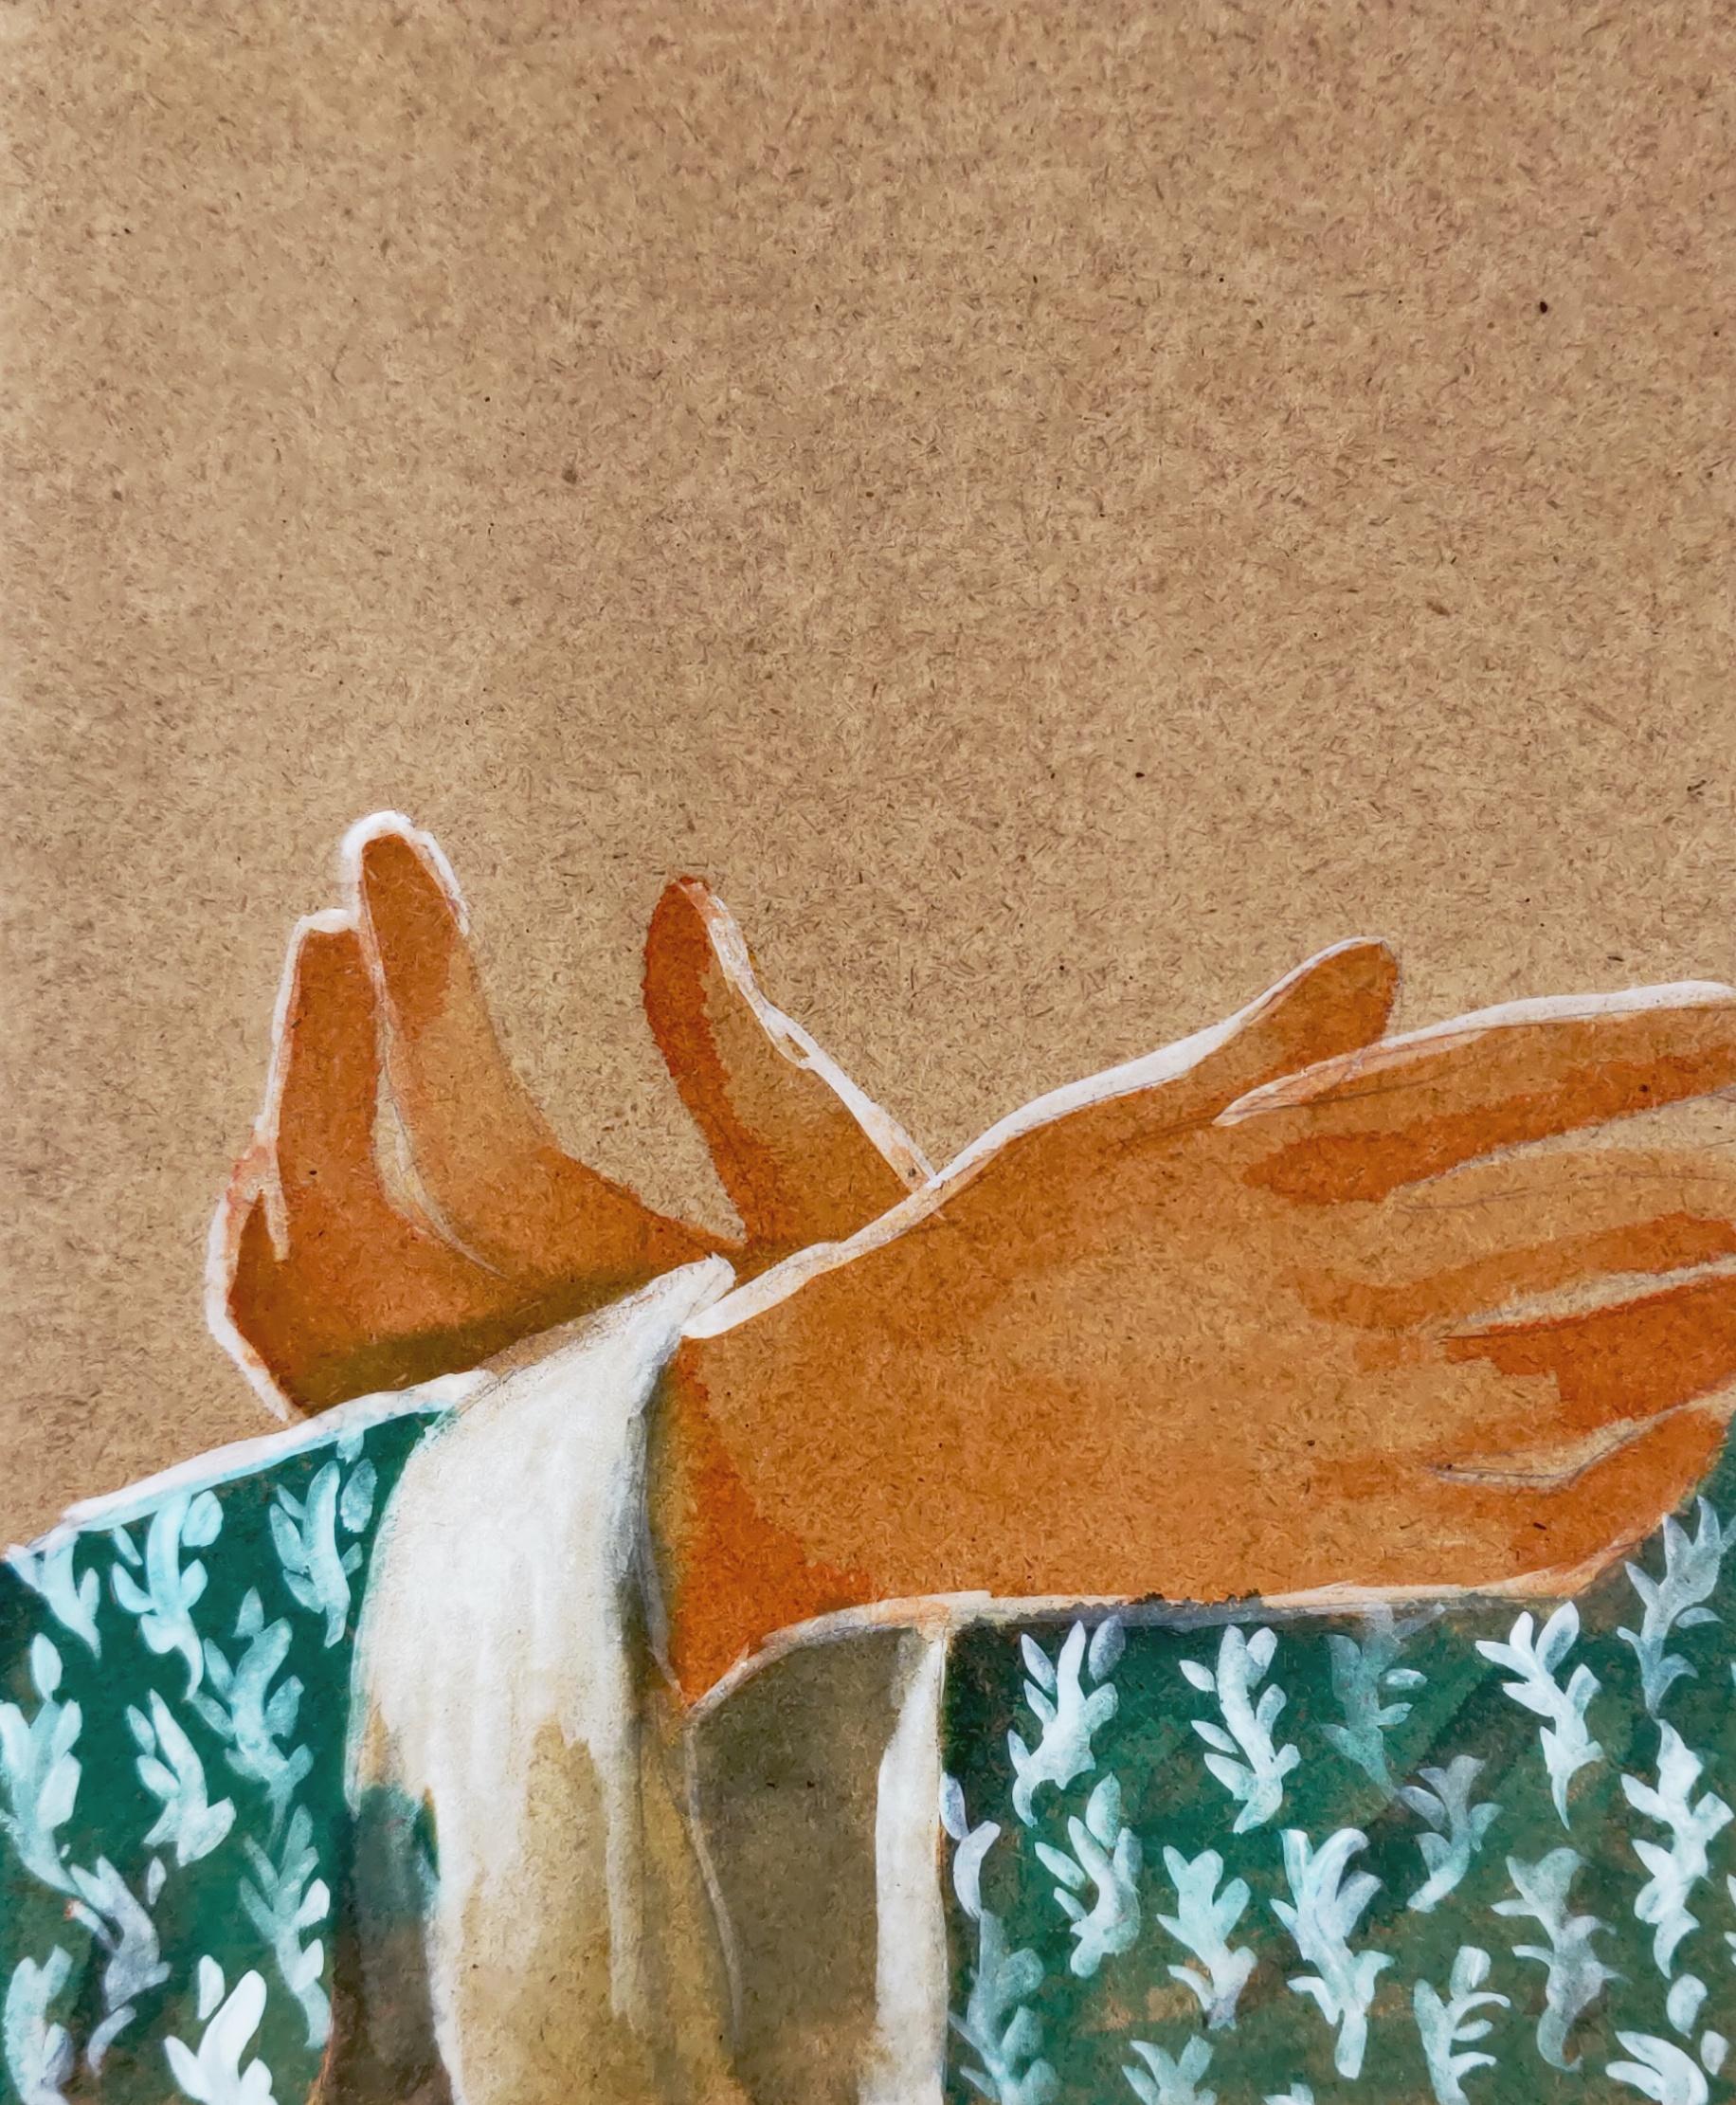 Marias hands IV